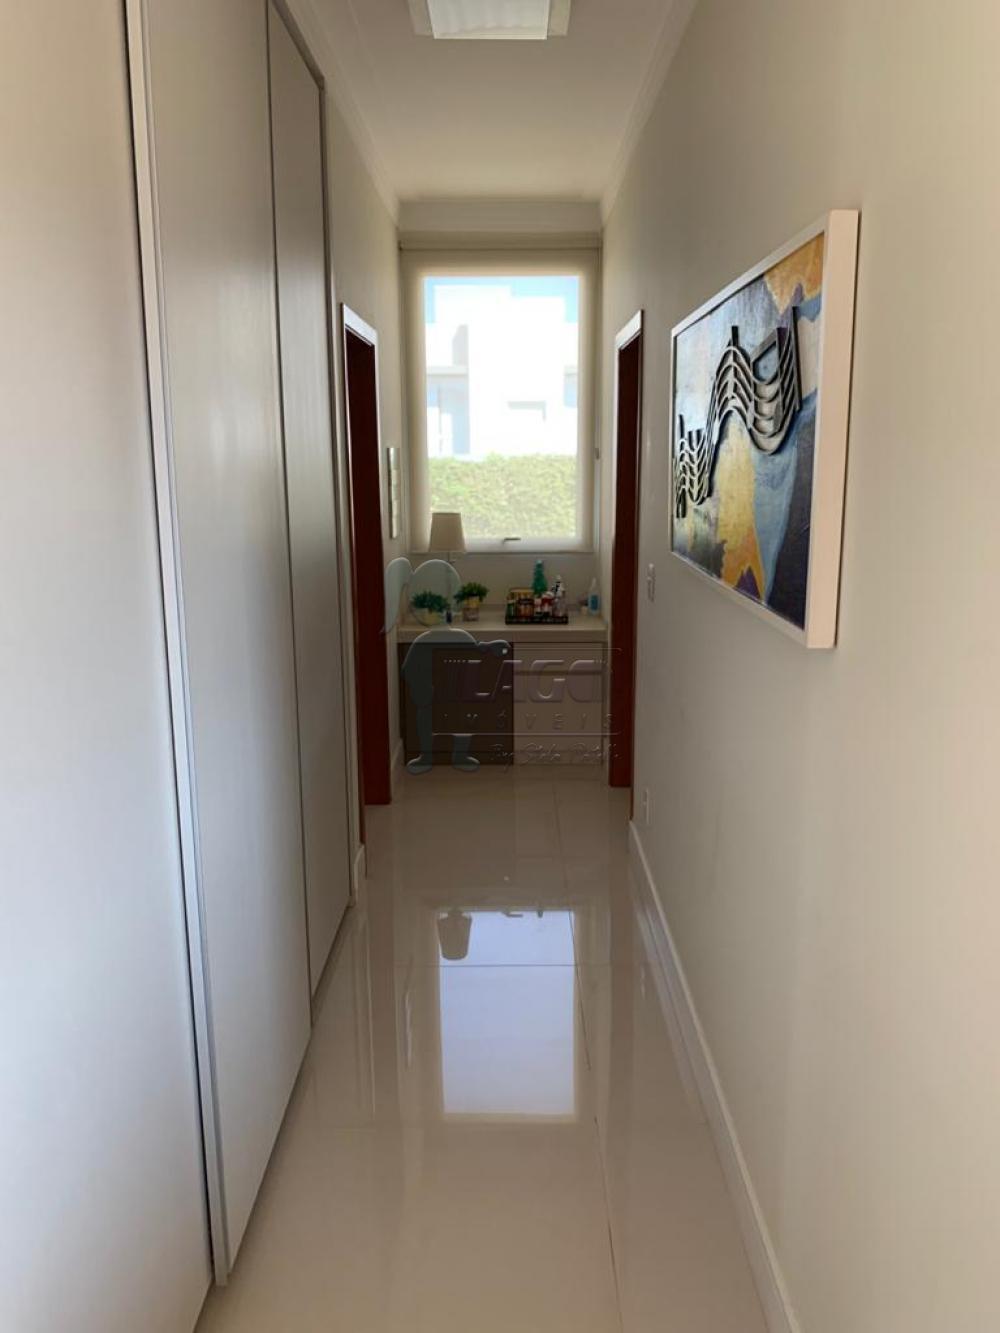 Comprar Casas / Condomínio em Ribeirão Preto R$ 1.890.000,00 - Foto 18